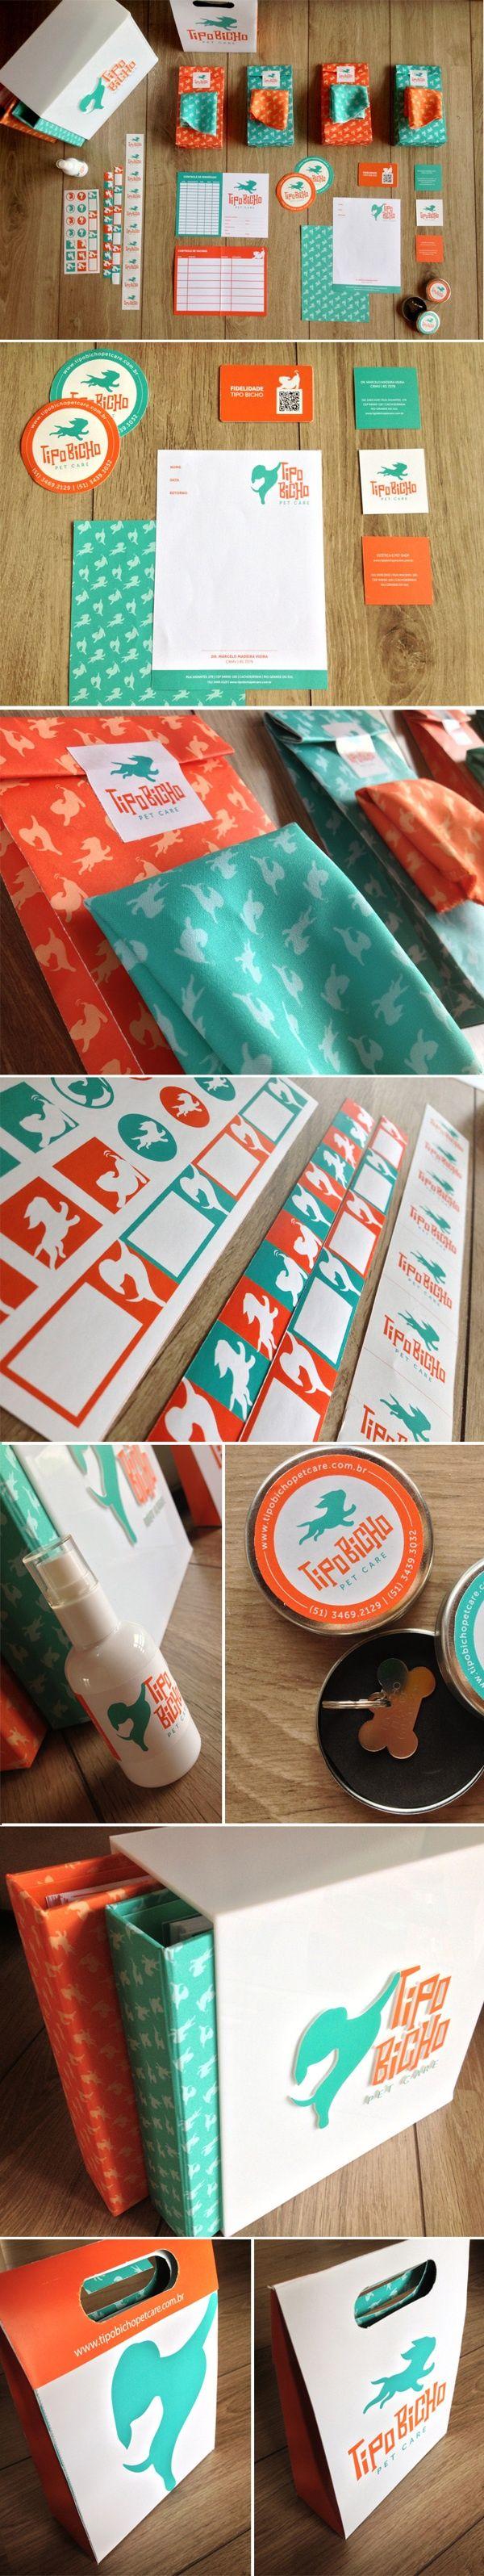 Tipo Bicho branding | #stationary #corporate #design #corporatedesign #identity #branding #marketing < repinned by www.BlickeDeeler.de | Take a look at www.LogoGestaltung-Hamburg.de